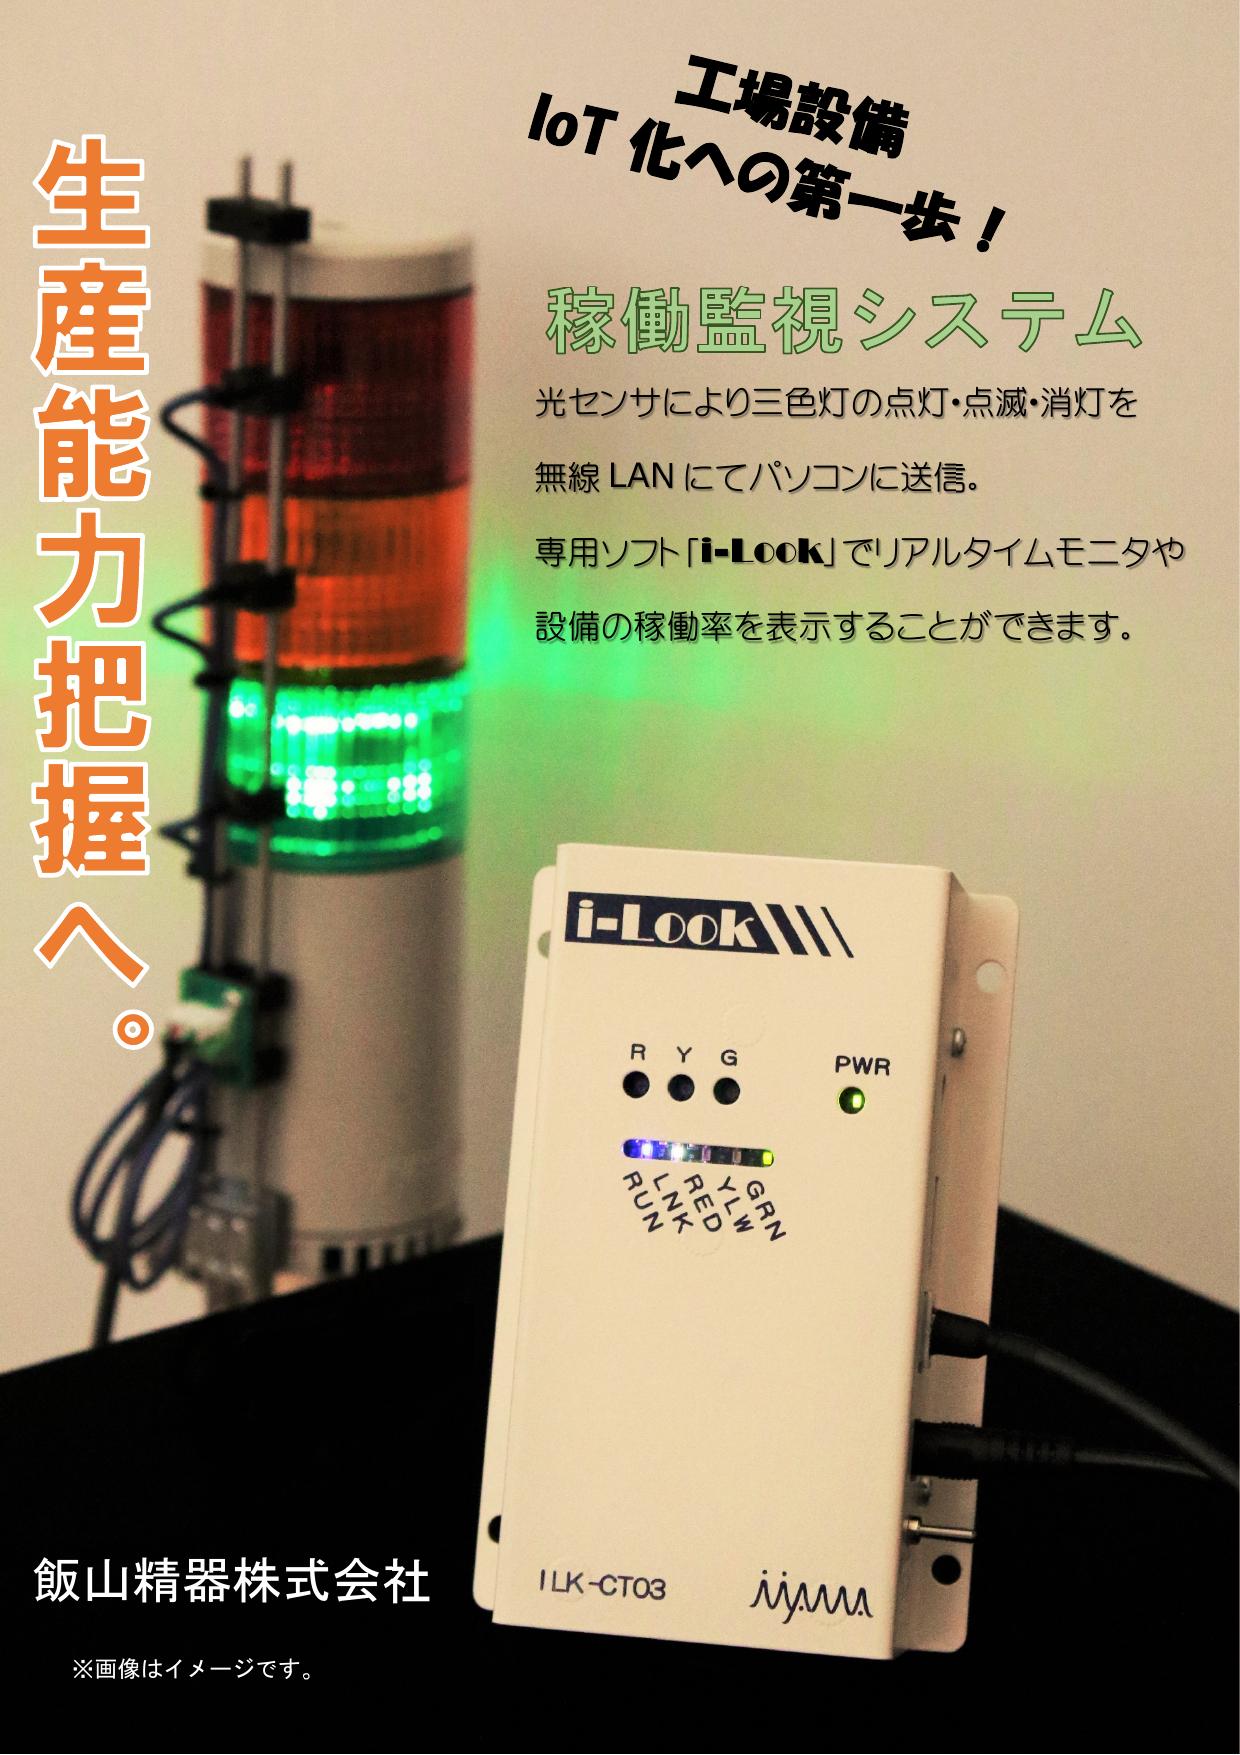 稼働監視システム i-Look